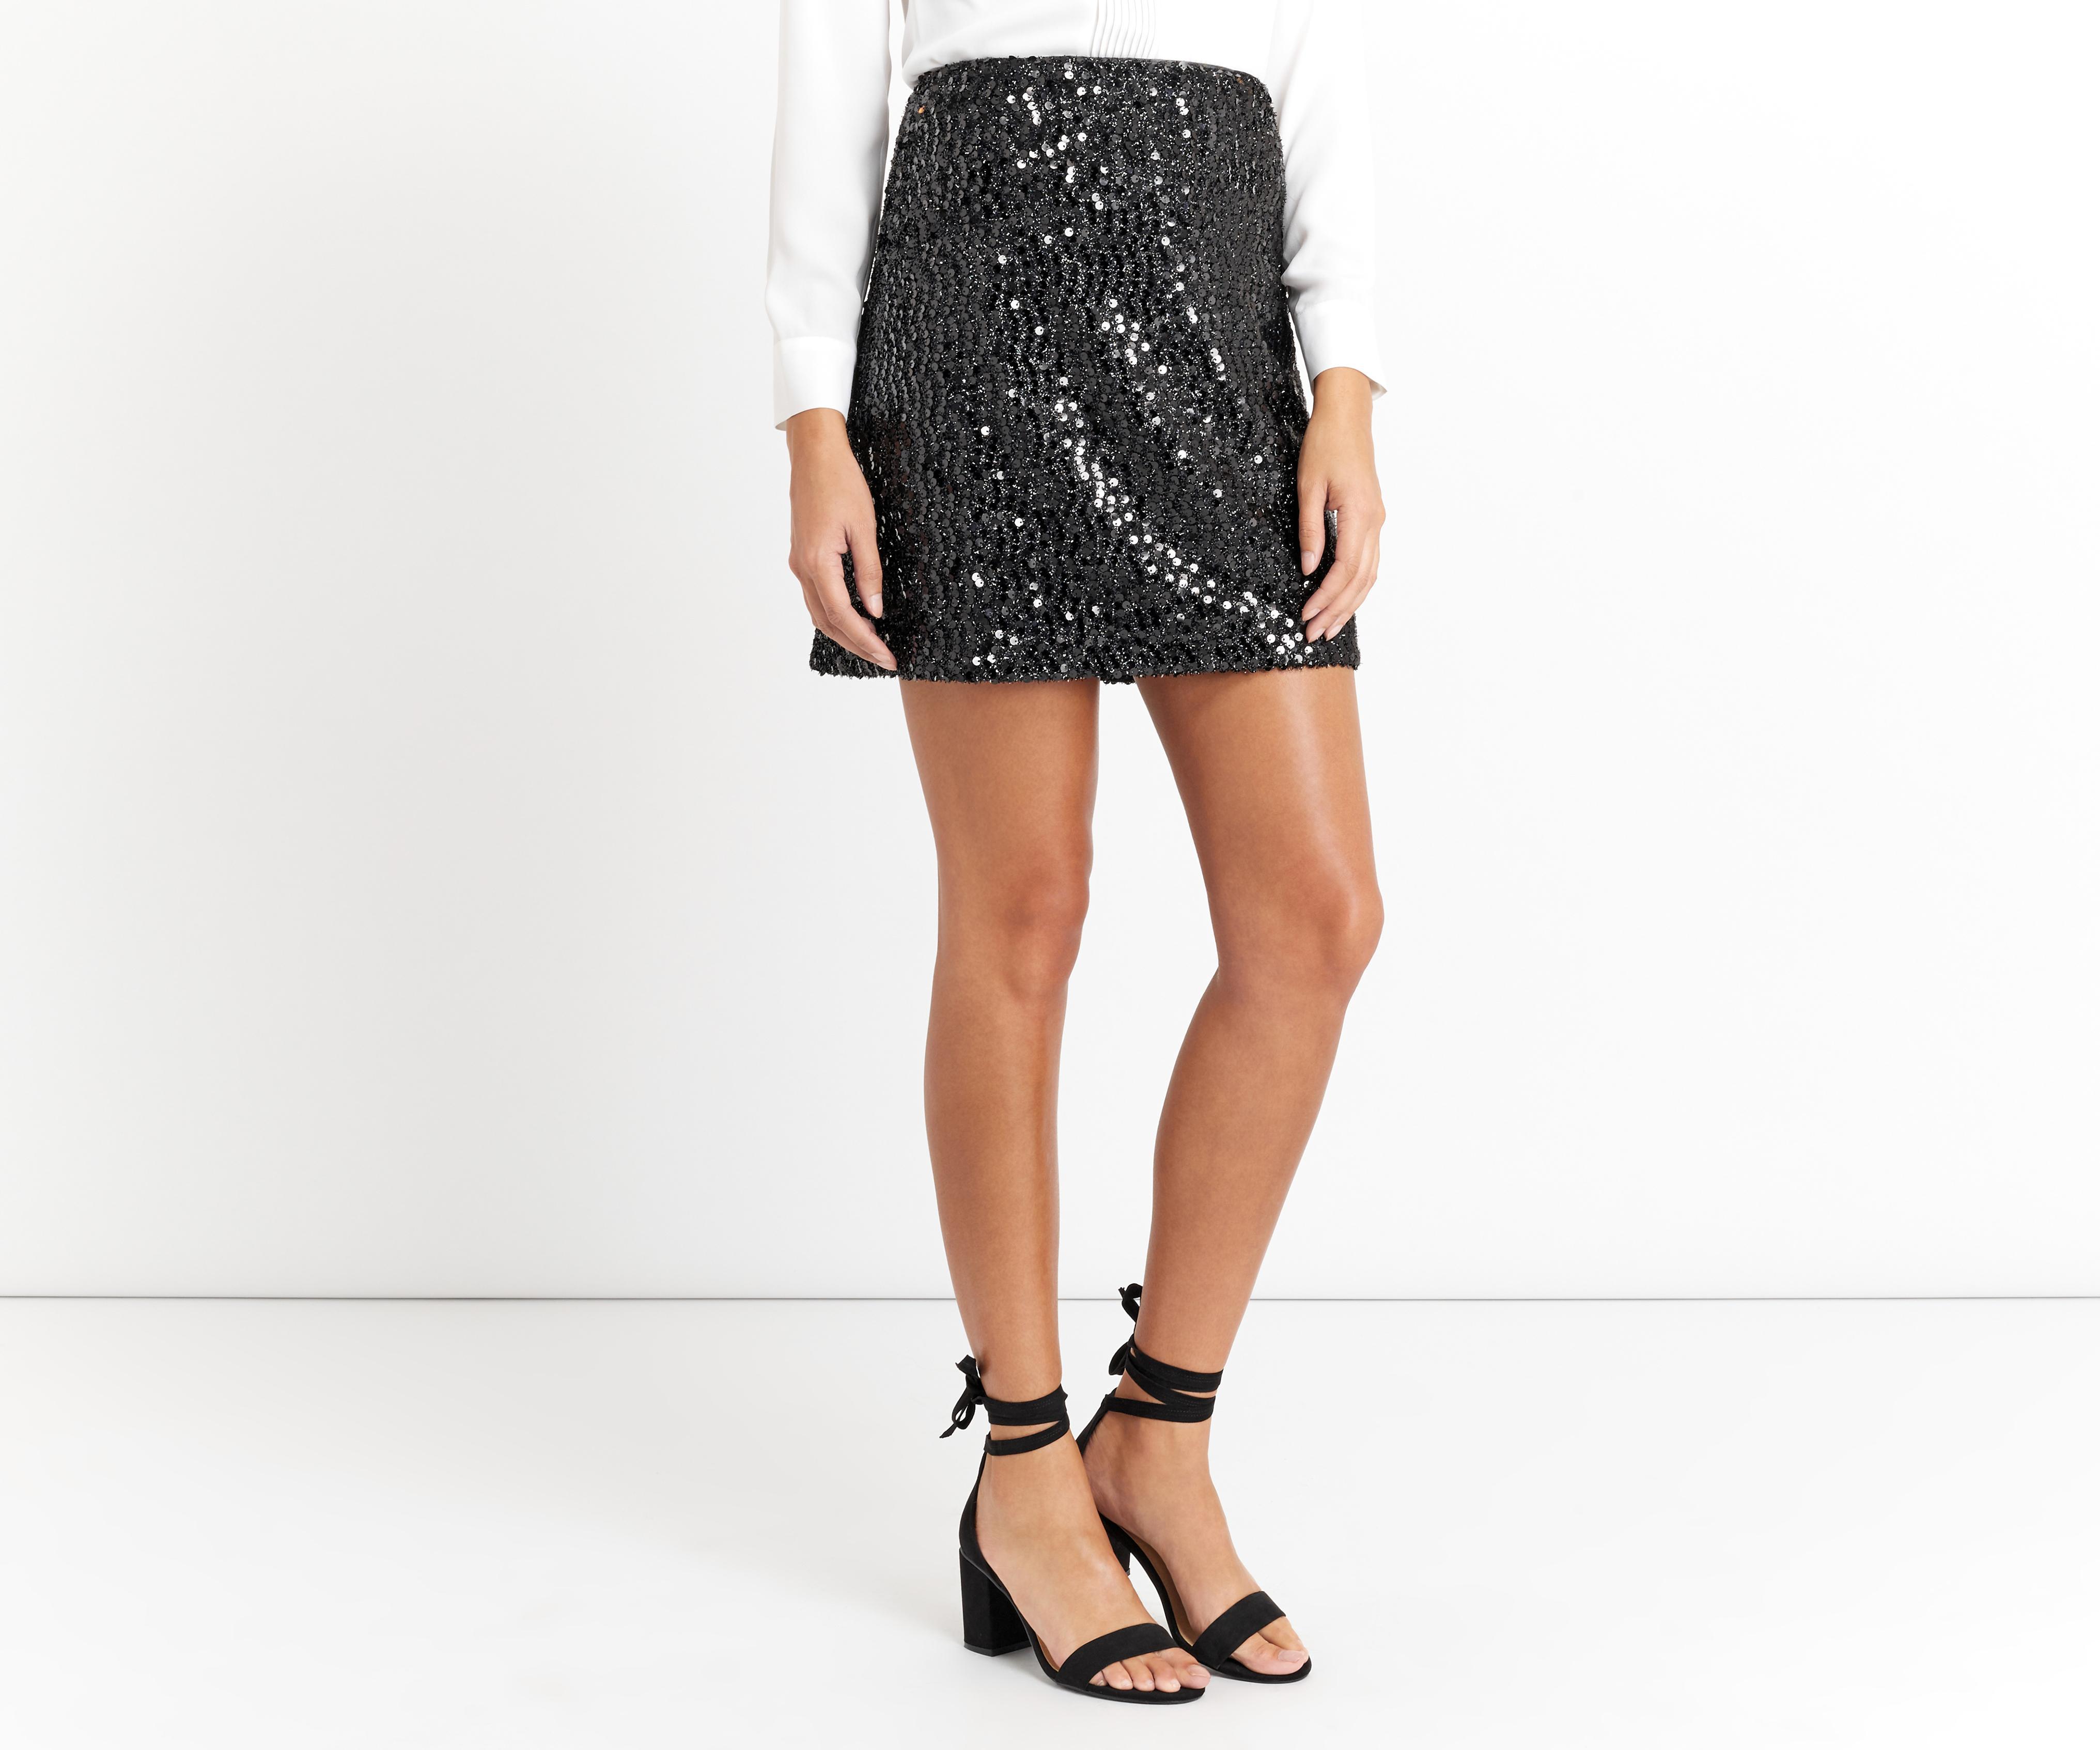 883e2e820e9 Lyst - Oasis Sequin Tinsel Skirt - Black in Black